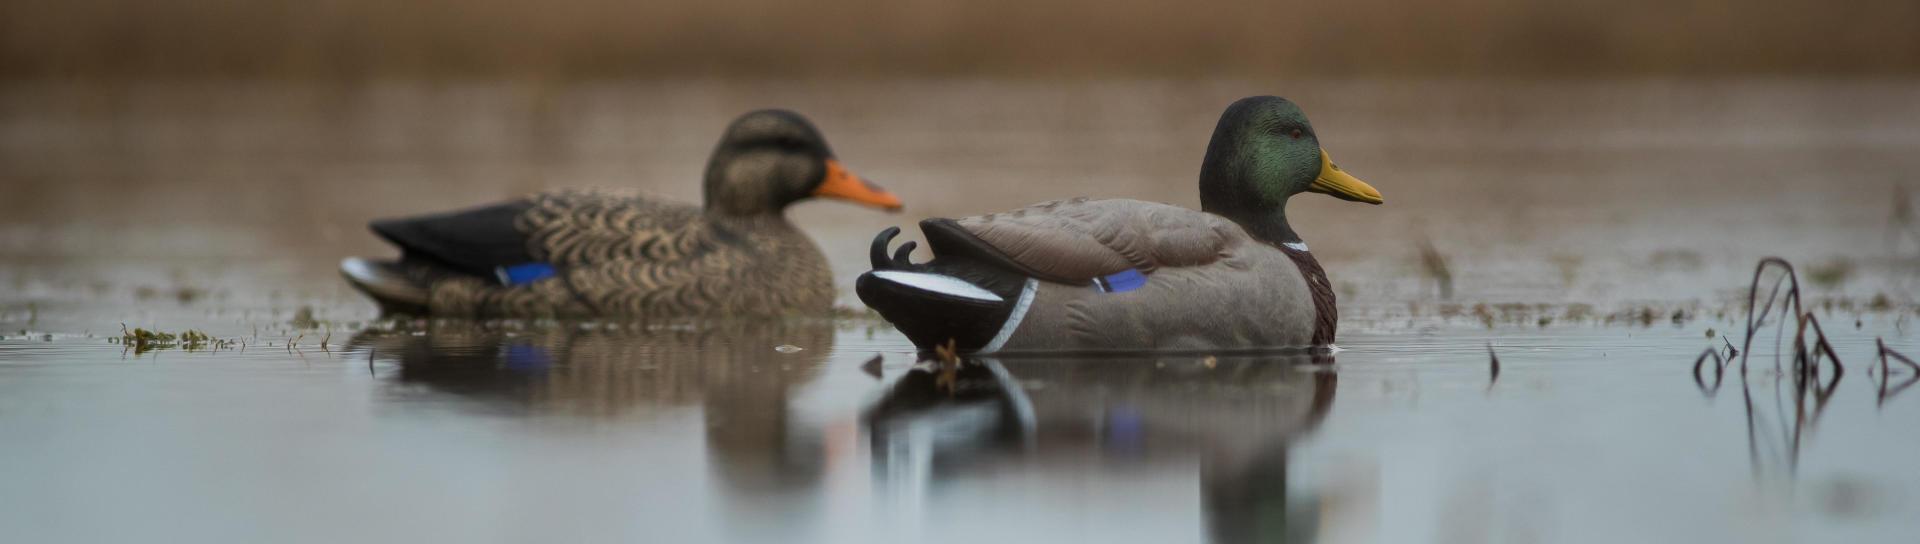 Deux appelants en plastique colvert mâle et femelle sur un plan d'eau